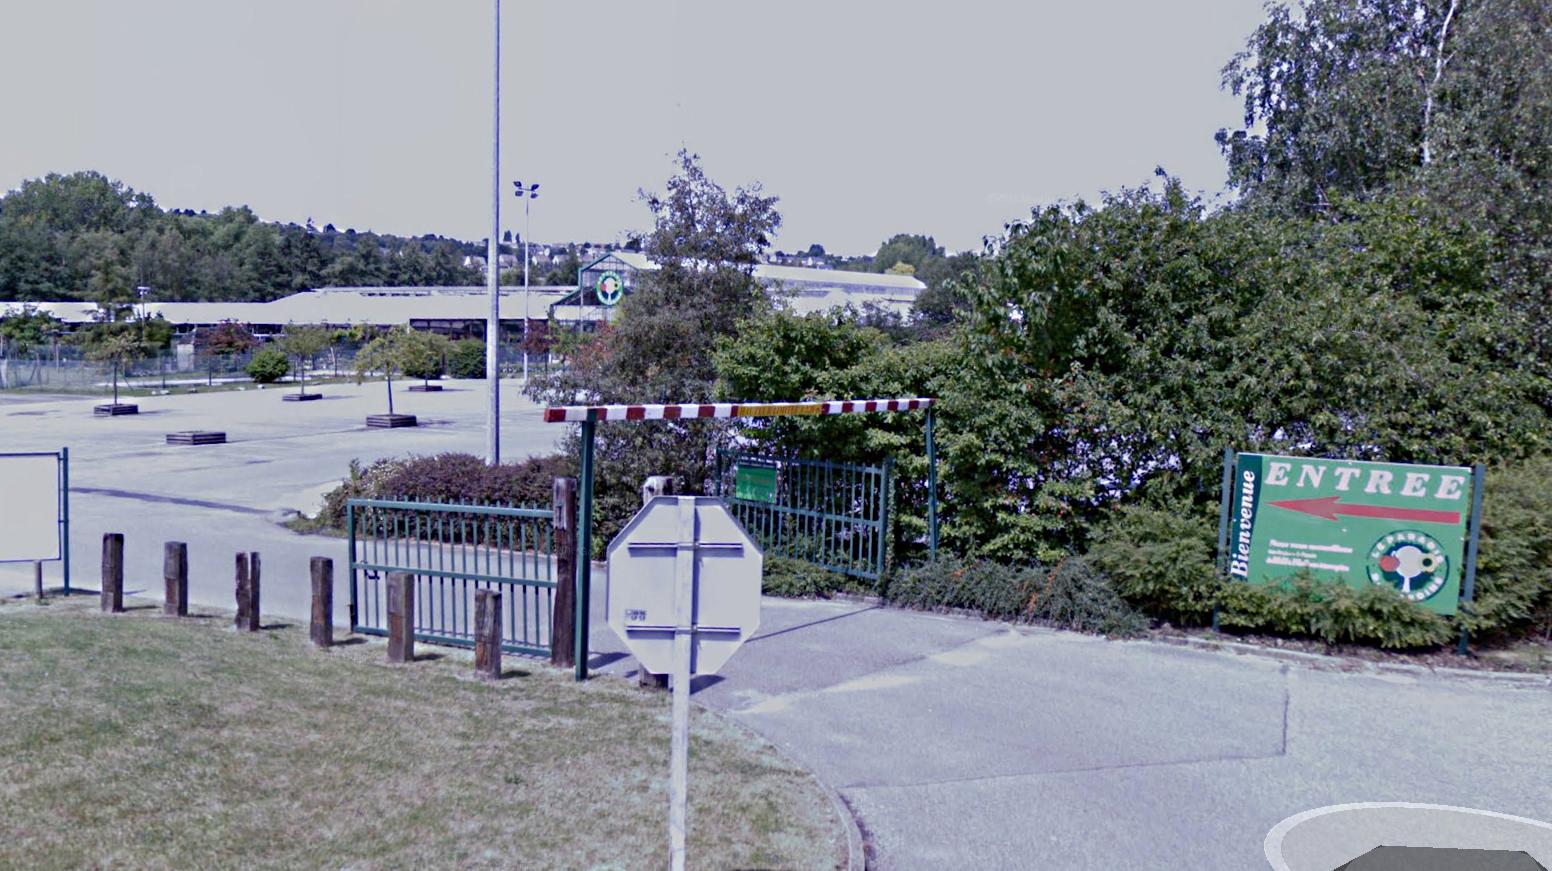 La jardinerie est implantée en bordure de la rivière  La Lézarde, dans un endroit isolé da la zone artisanale  (@Google Maps)